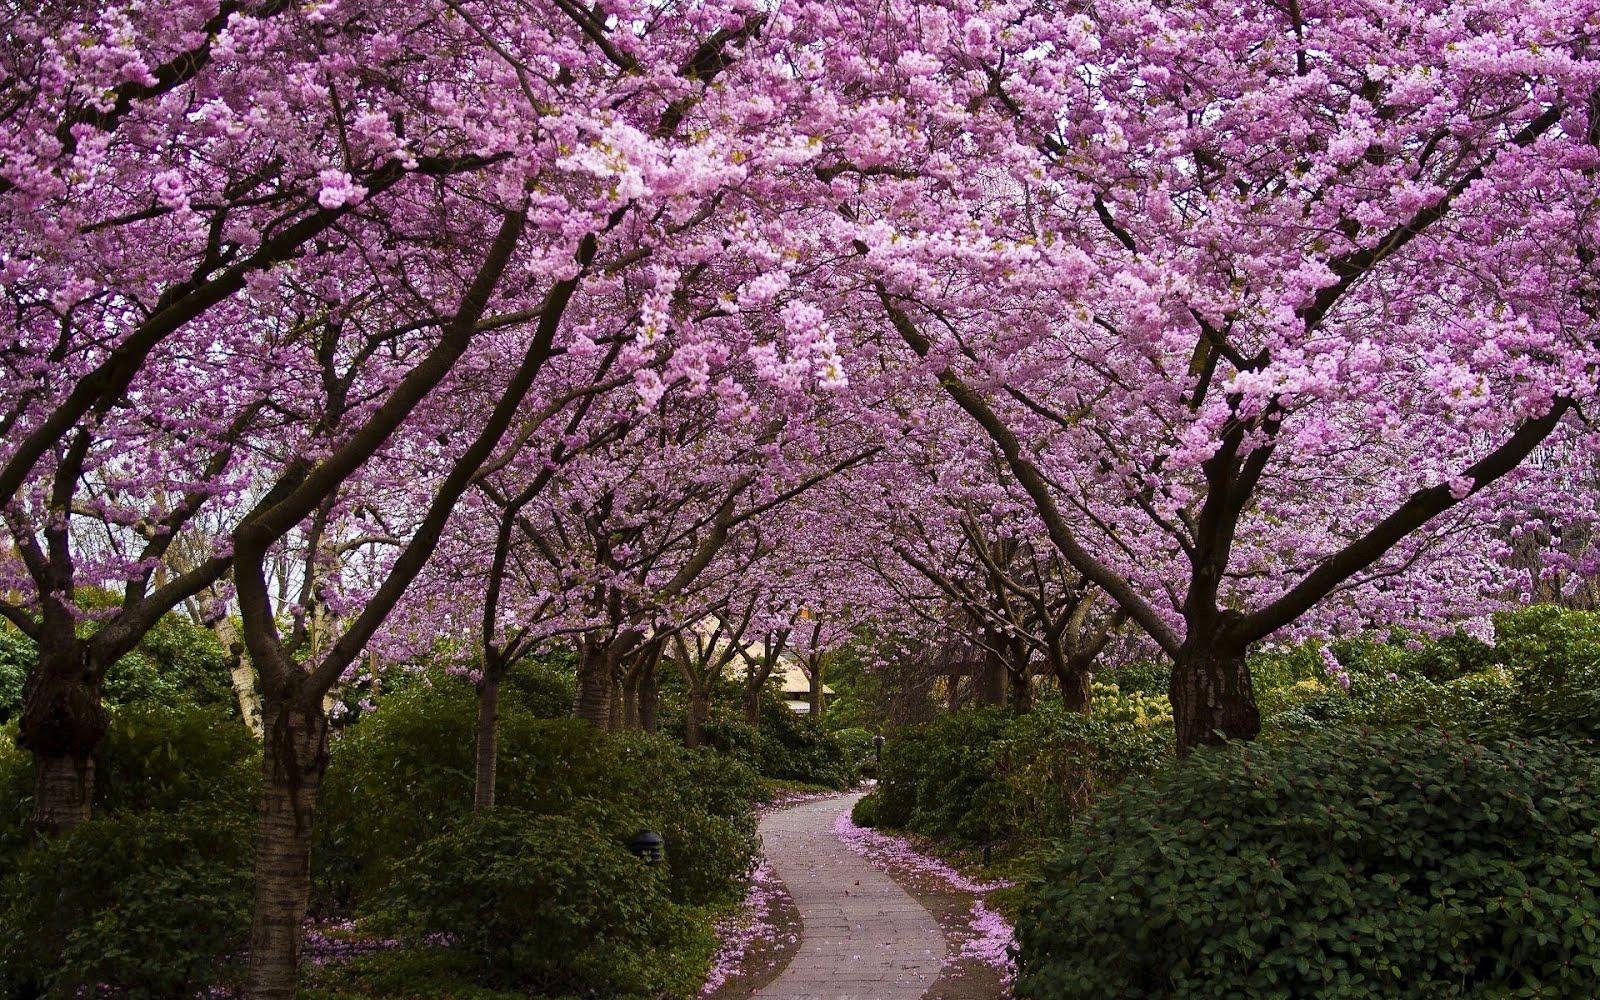 Arboles de flores rosadas imagui - Arbol de rosas ...